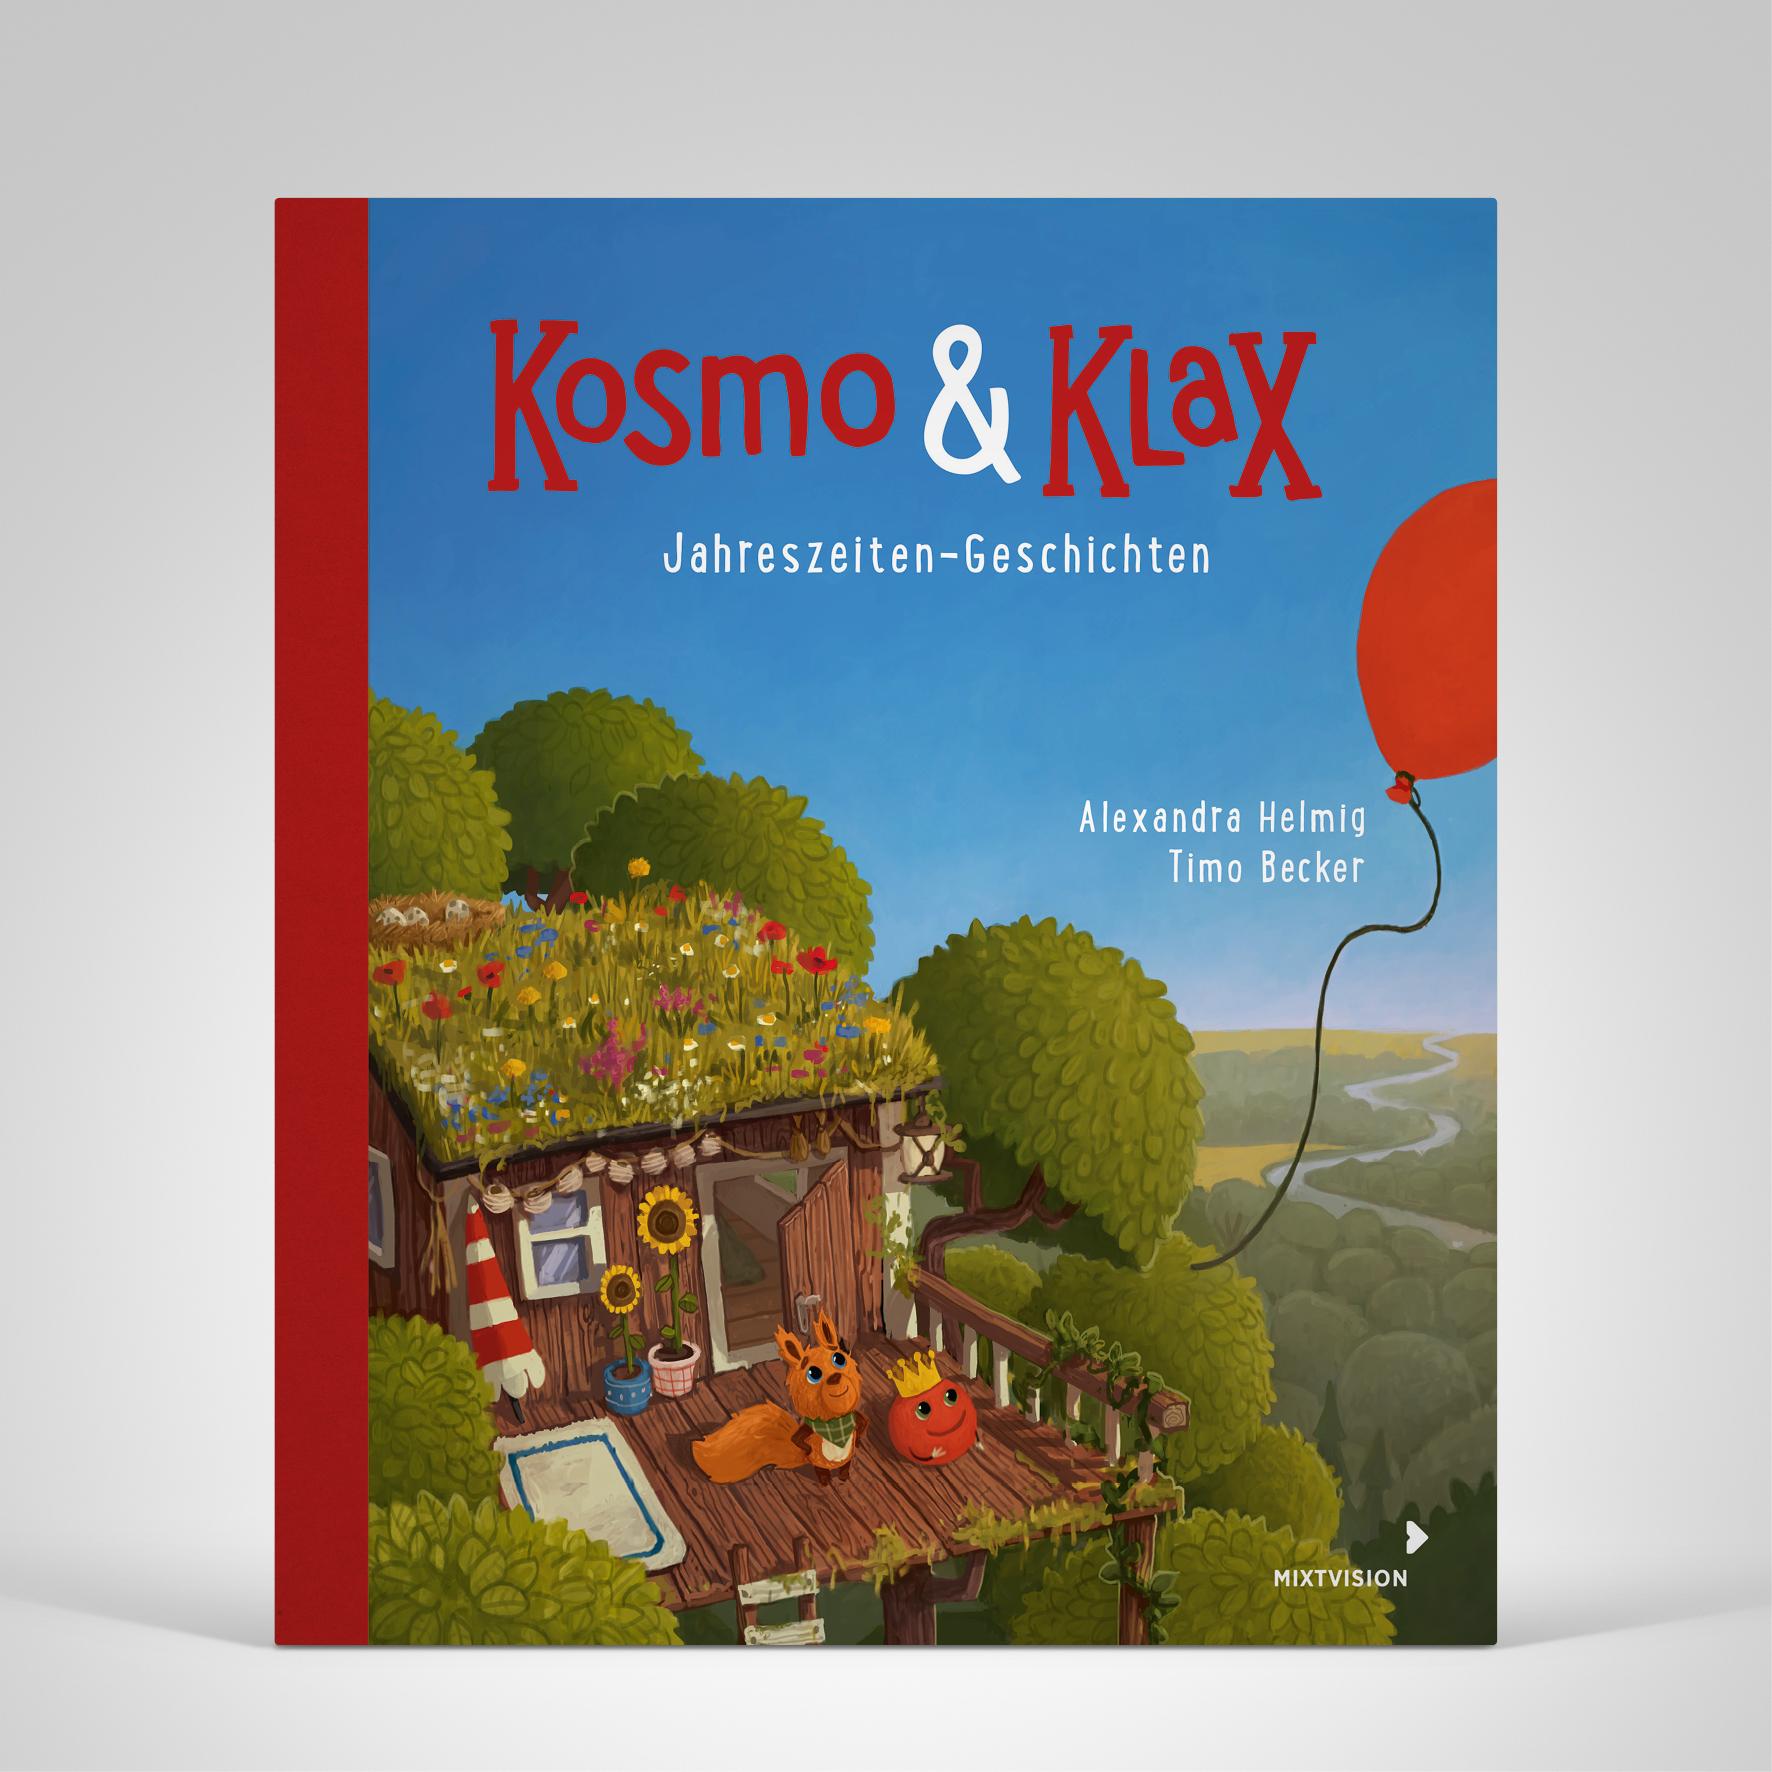 Kosmo & Klax. Jahreszeiten-Geschichten, Cover-Abbildung